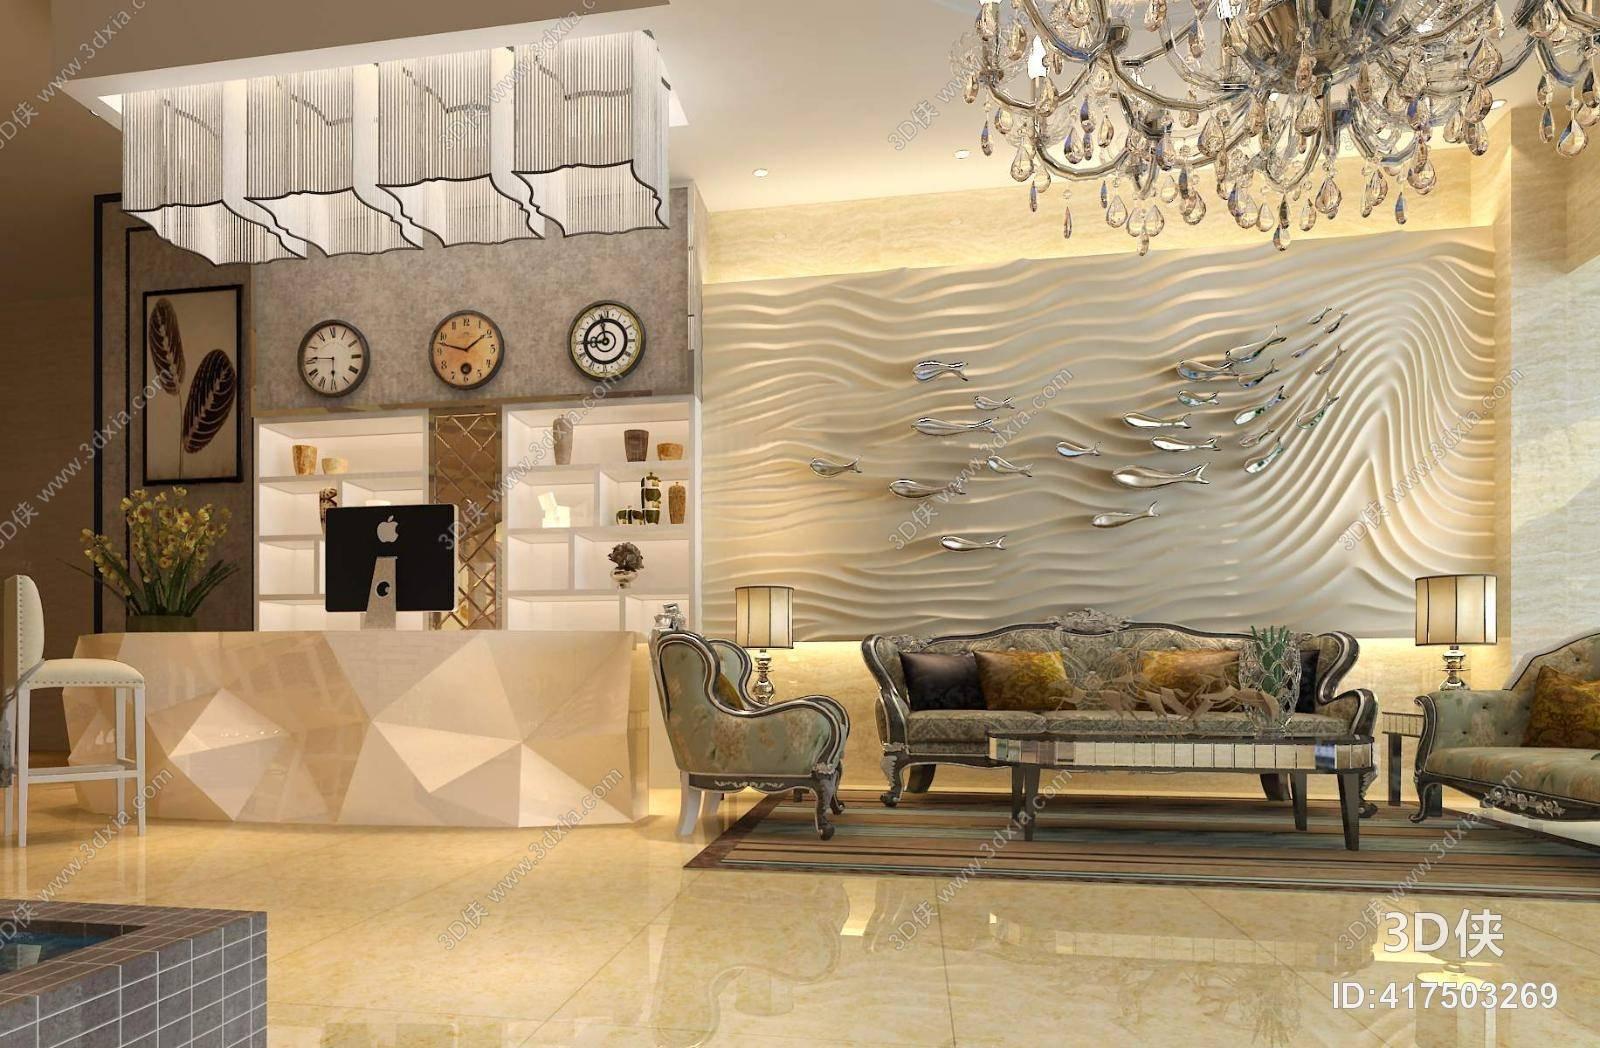 欧式简约酒店大堂 欧式简约透明水晶吸顶灯 欧式简约布艺沙发茶几组合